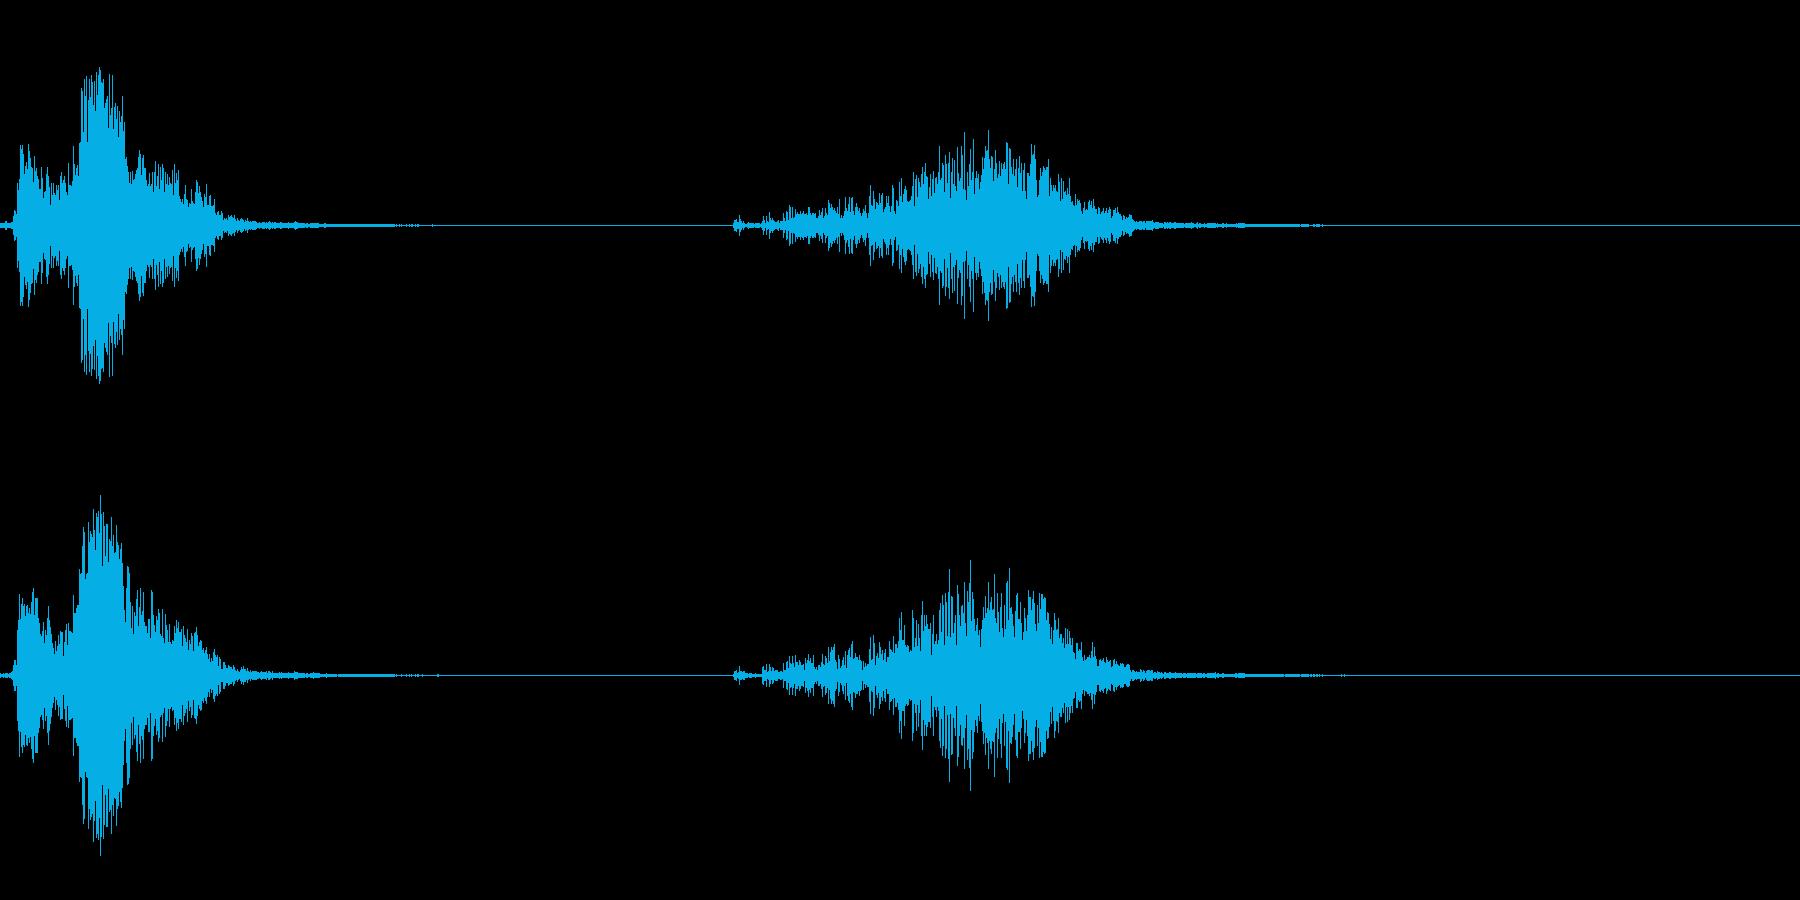 カンムリサケビドリの鳴き声の再生済みの波形